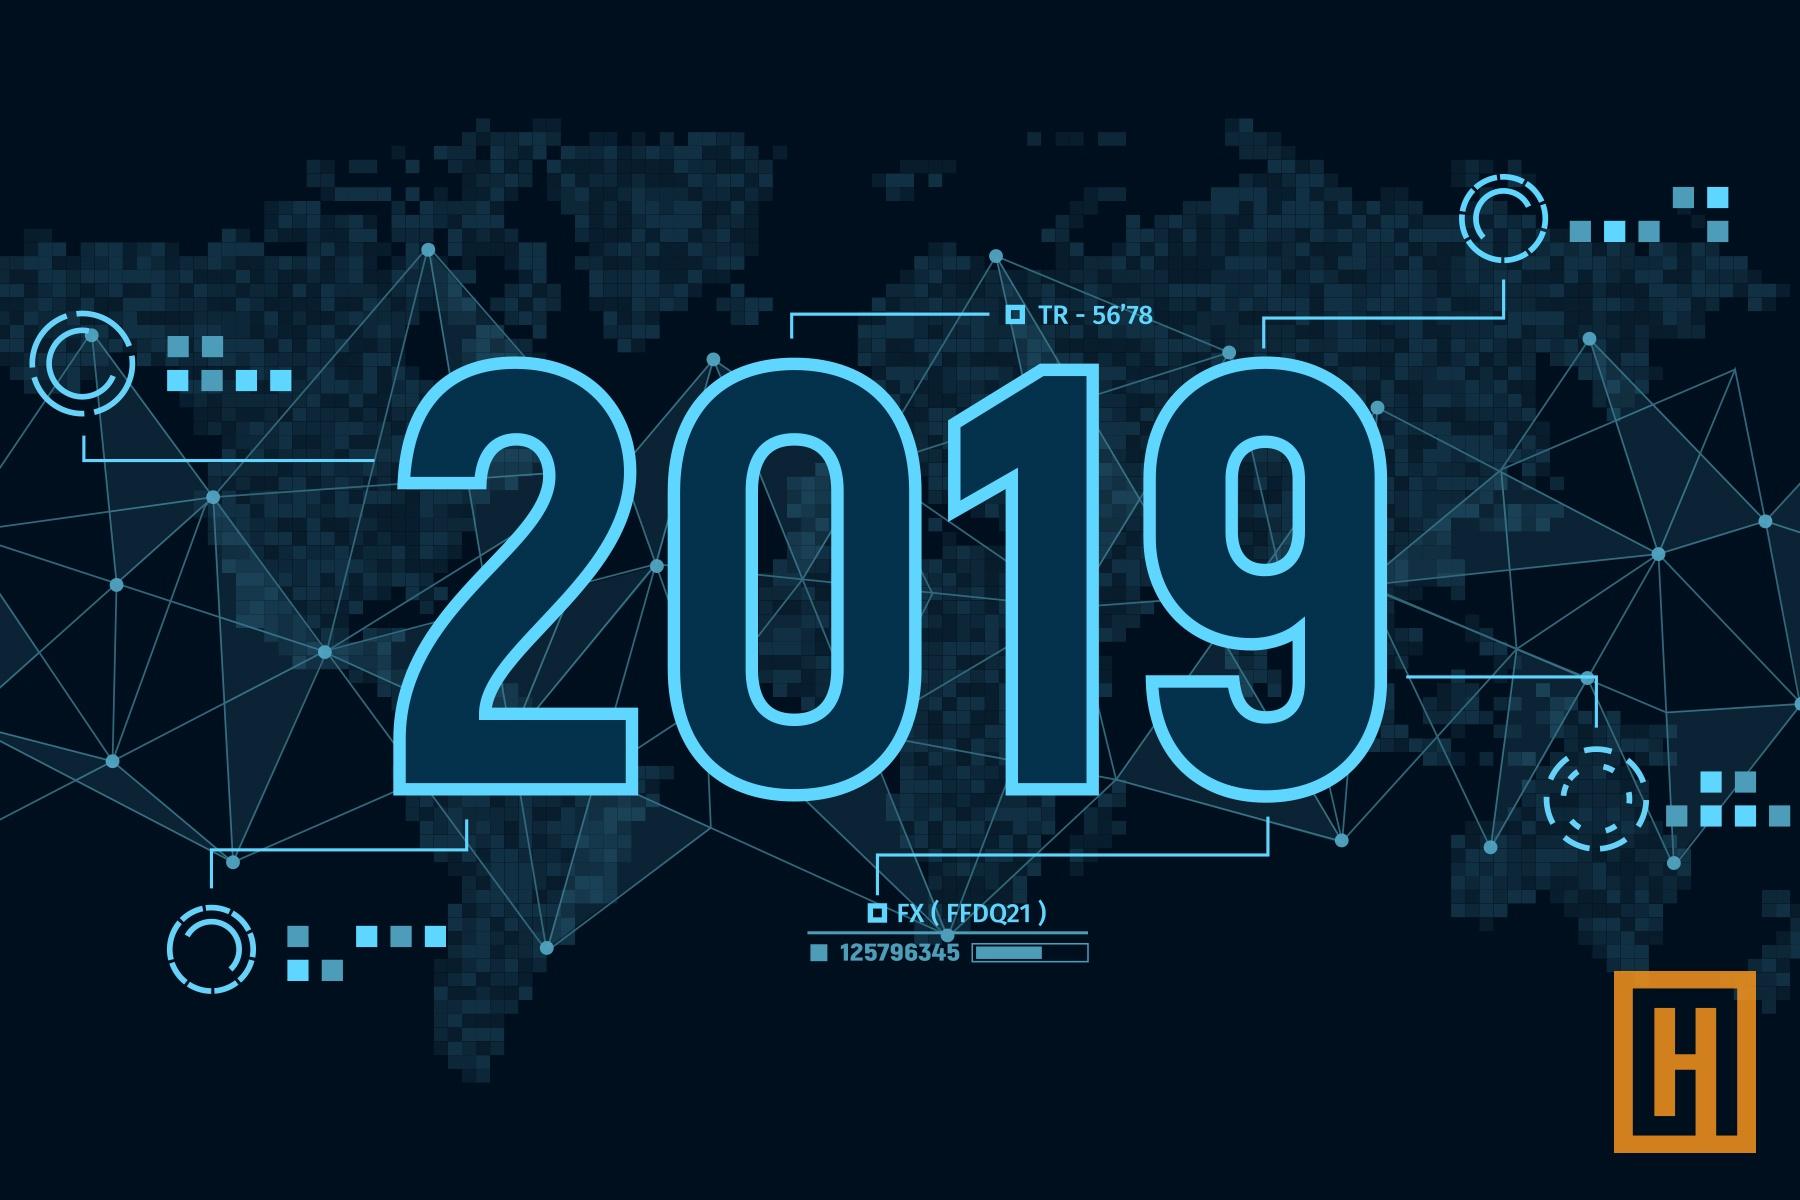 HiltonCapitalManagement-Blog-The-Hilton-Capital-Team-Looks-Ahead-to-2019